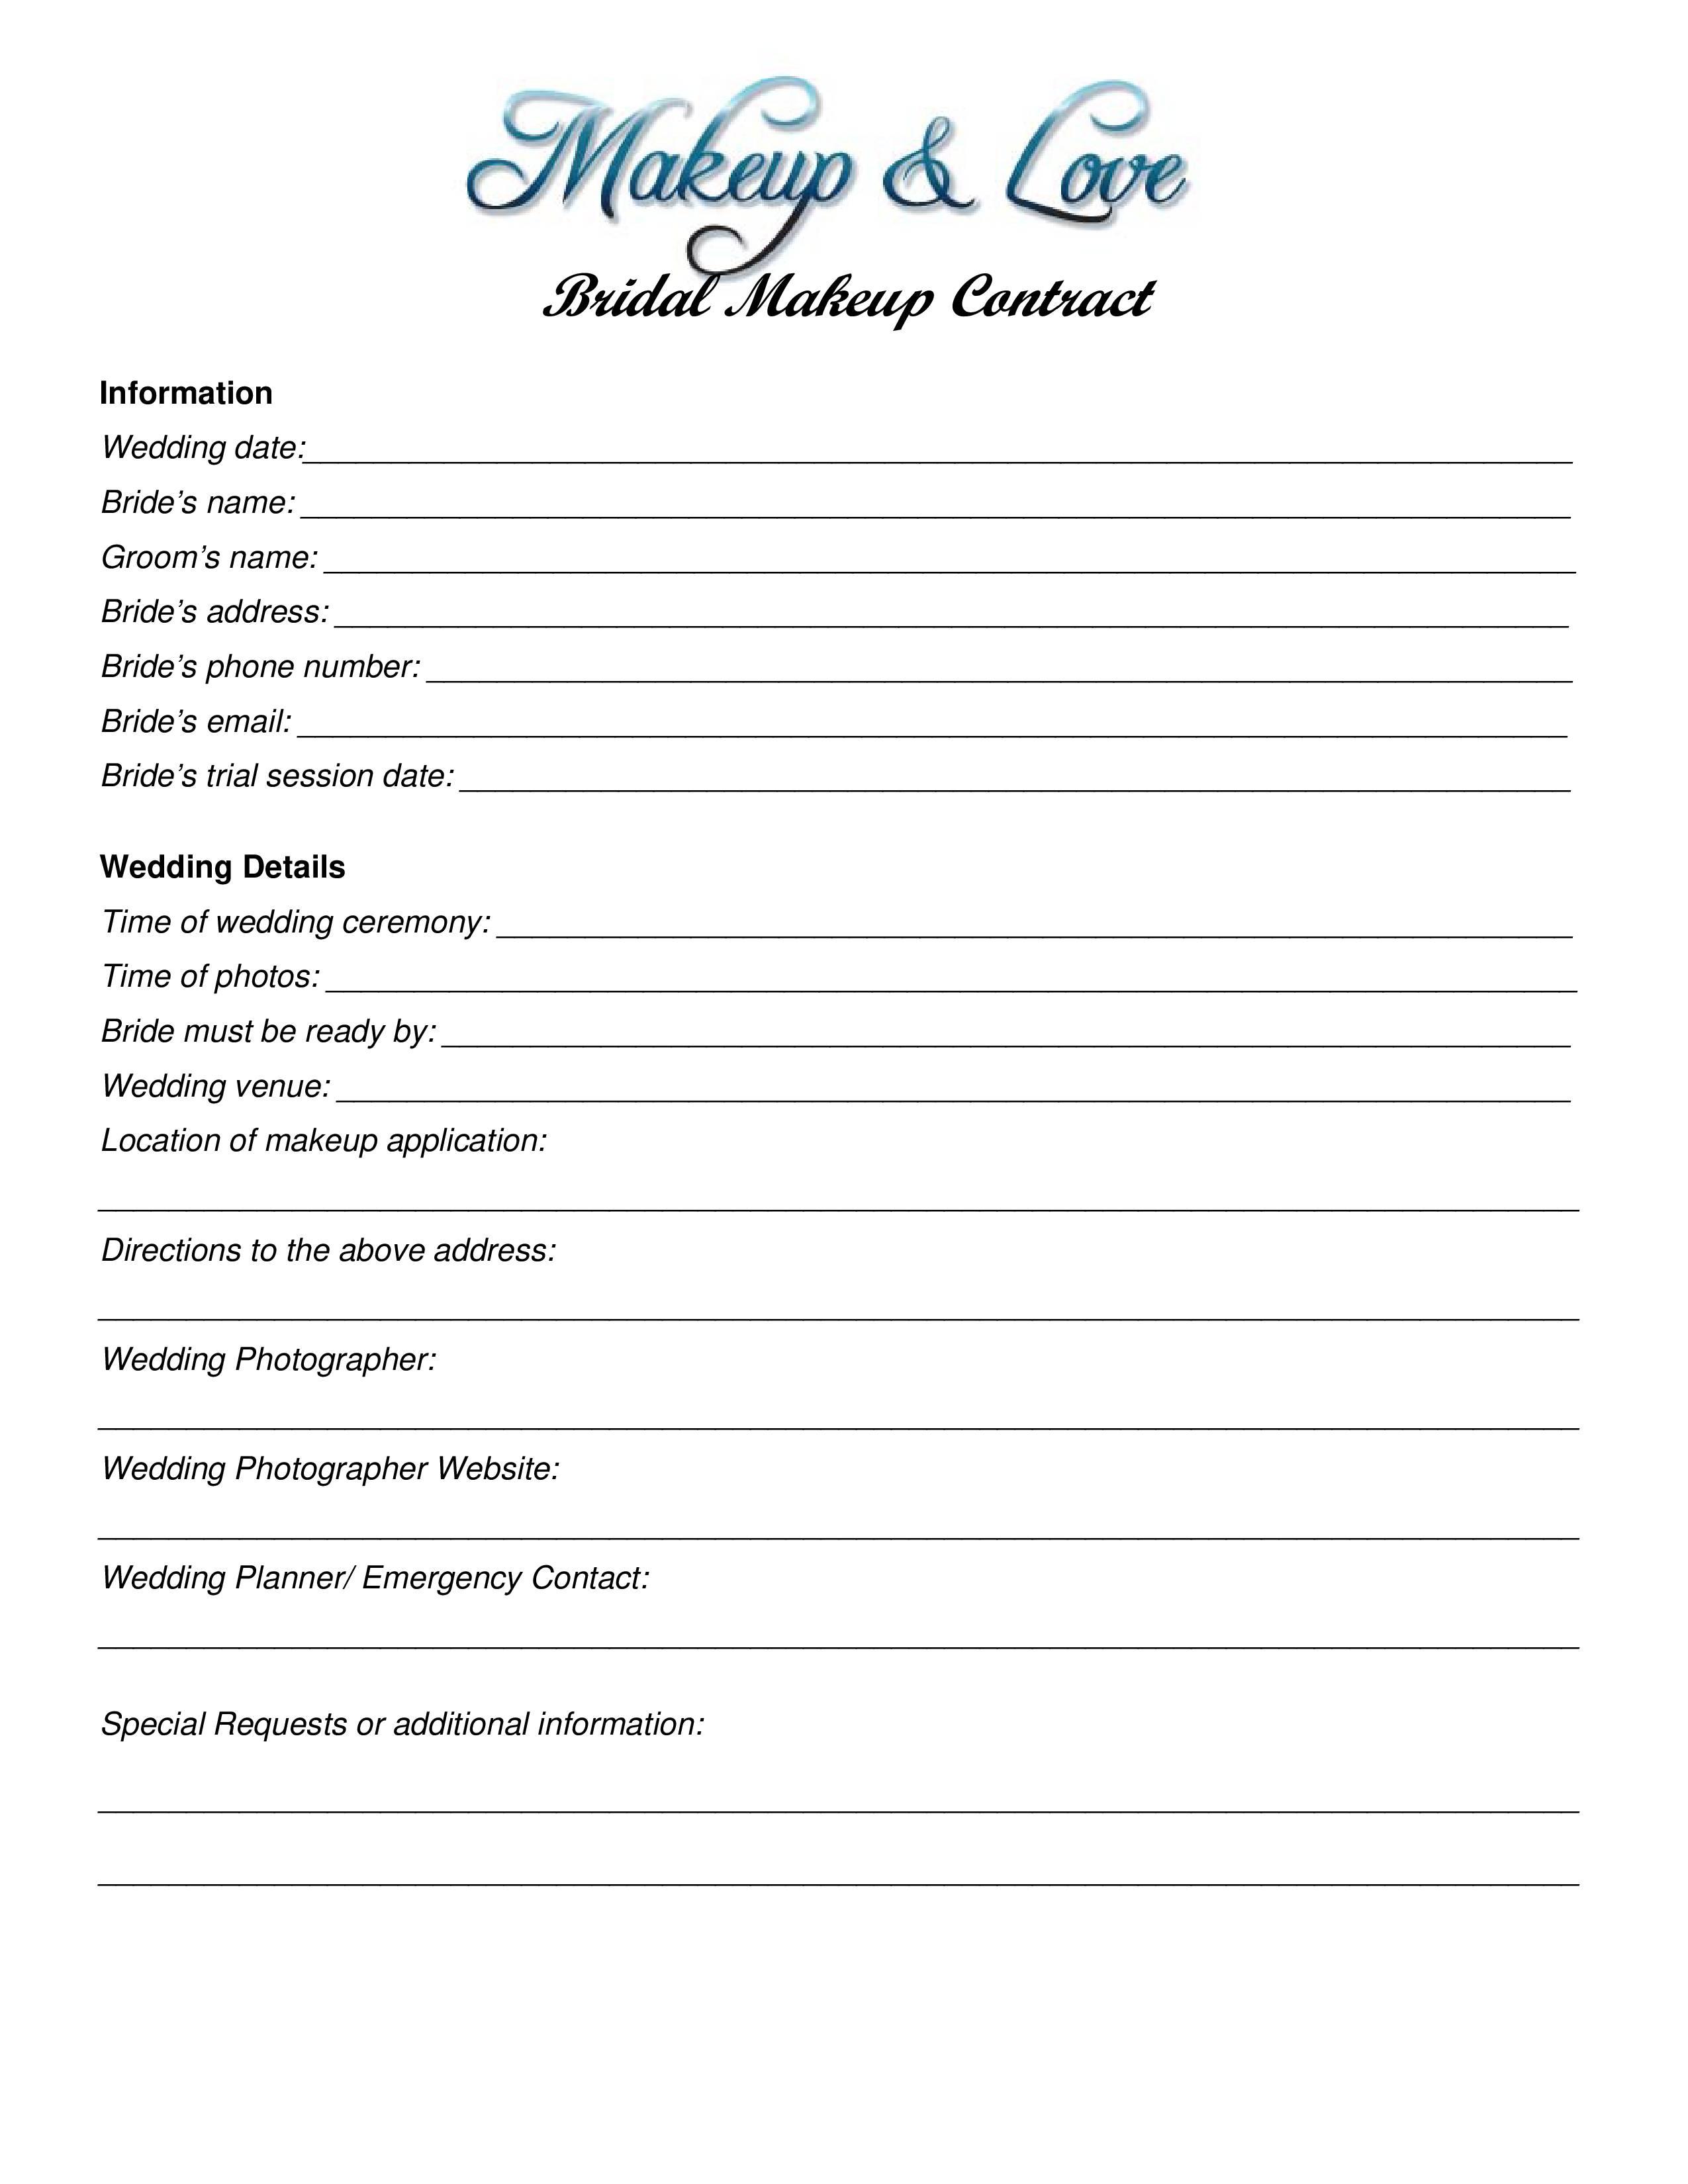 Makeup Wedding Contract Templates